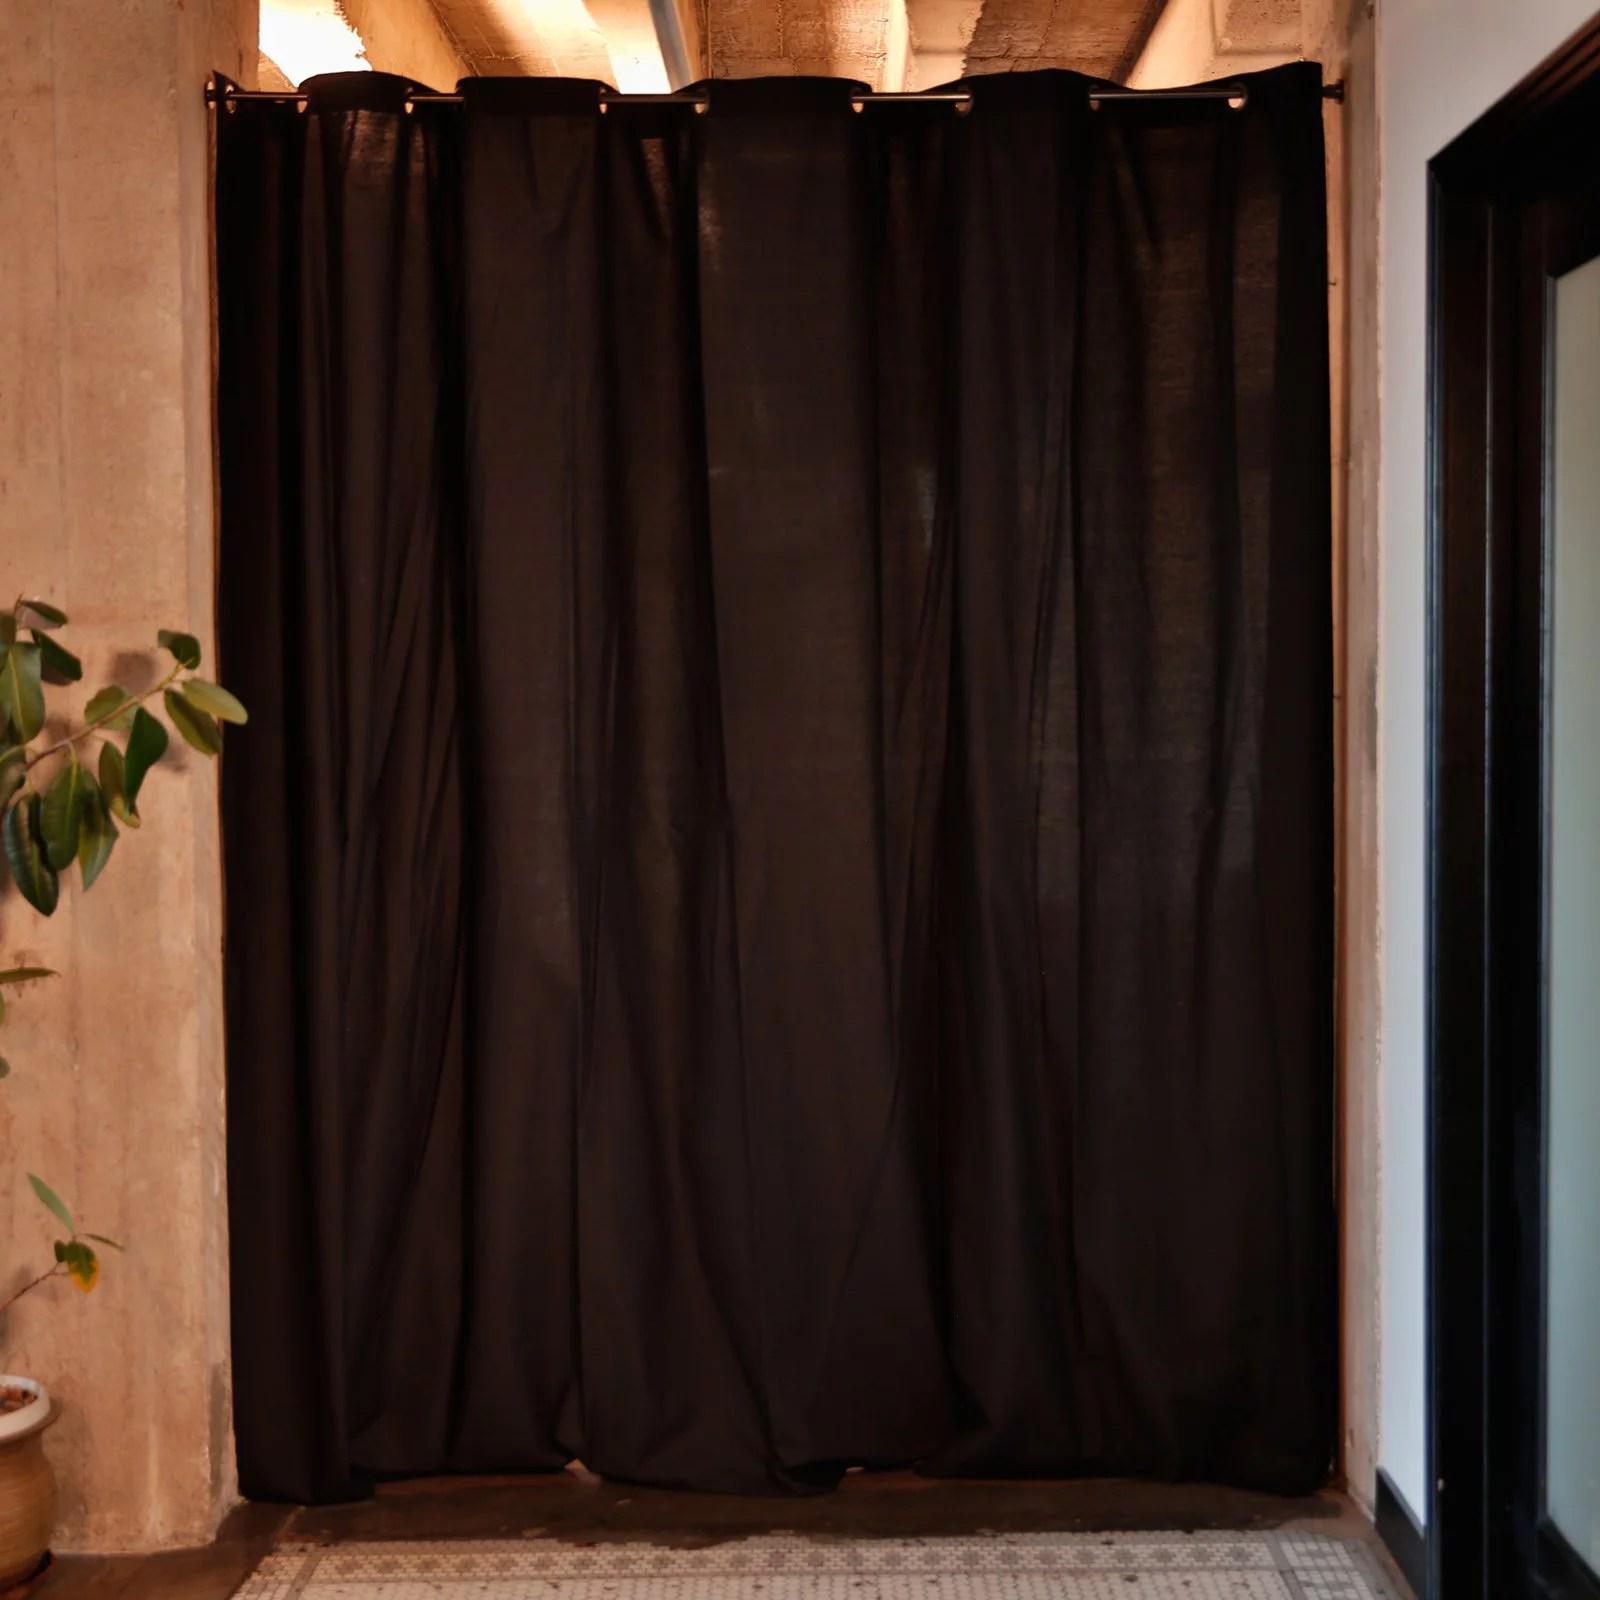 roomdividersnow muslin tension rod room divider kit